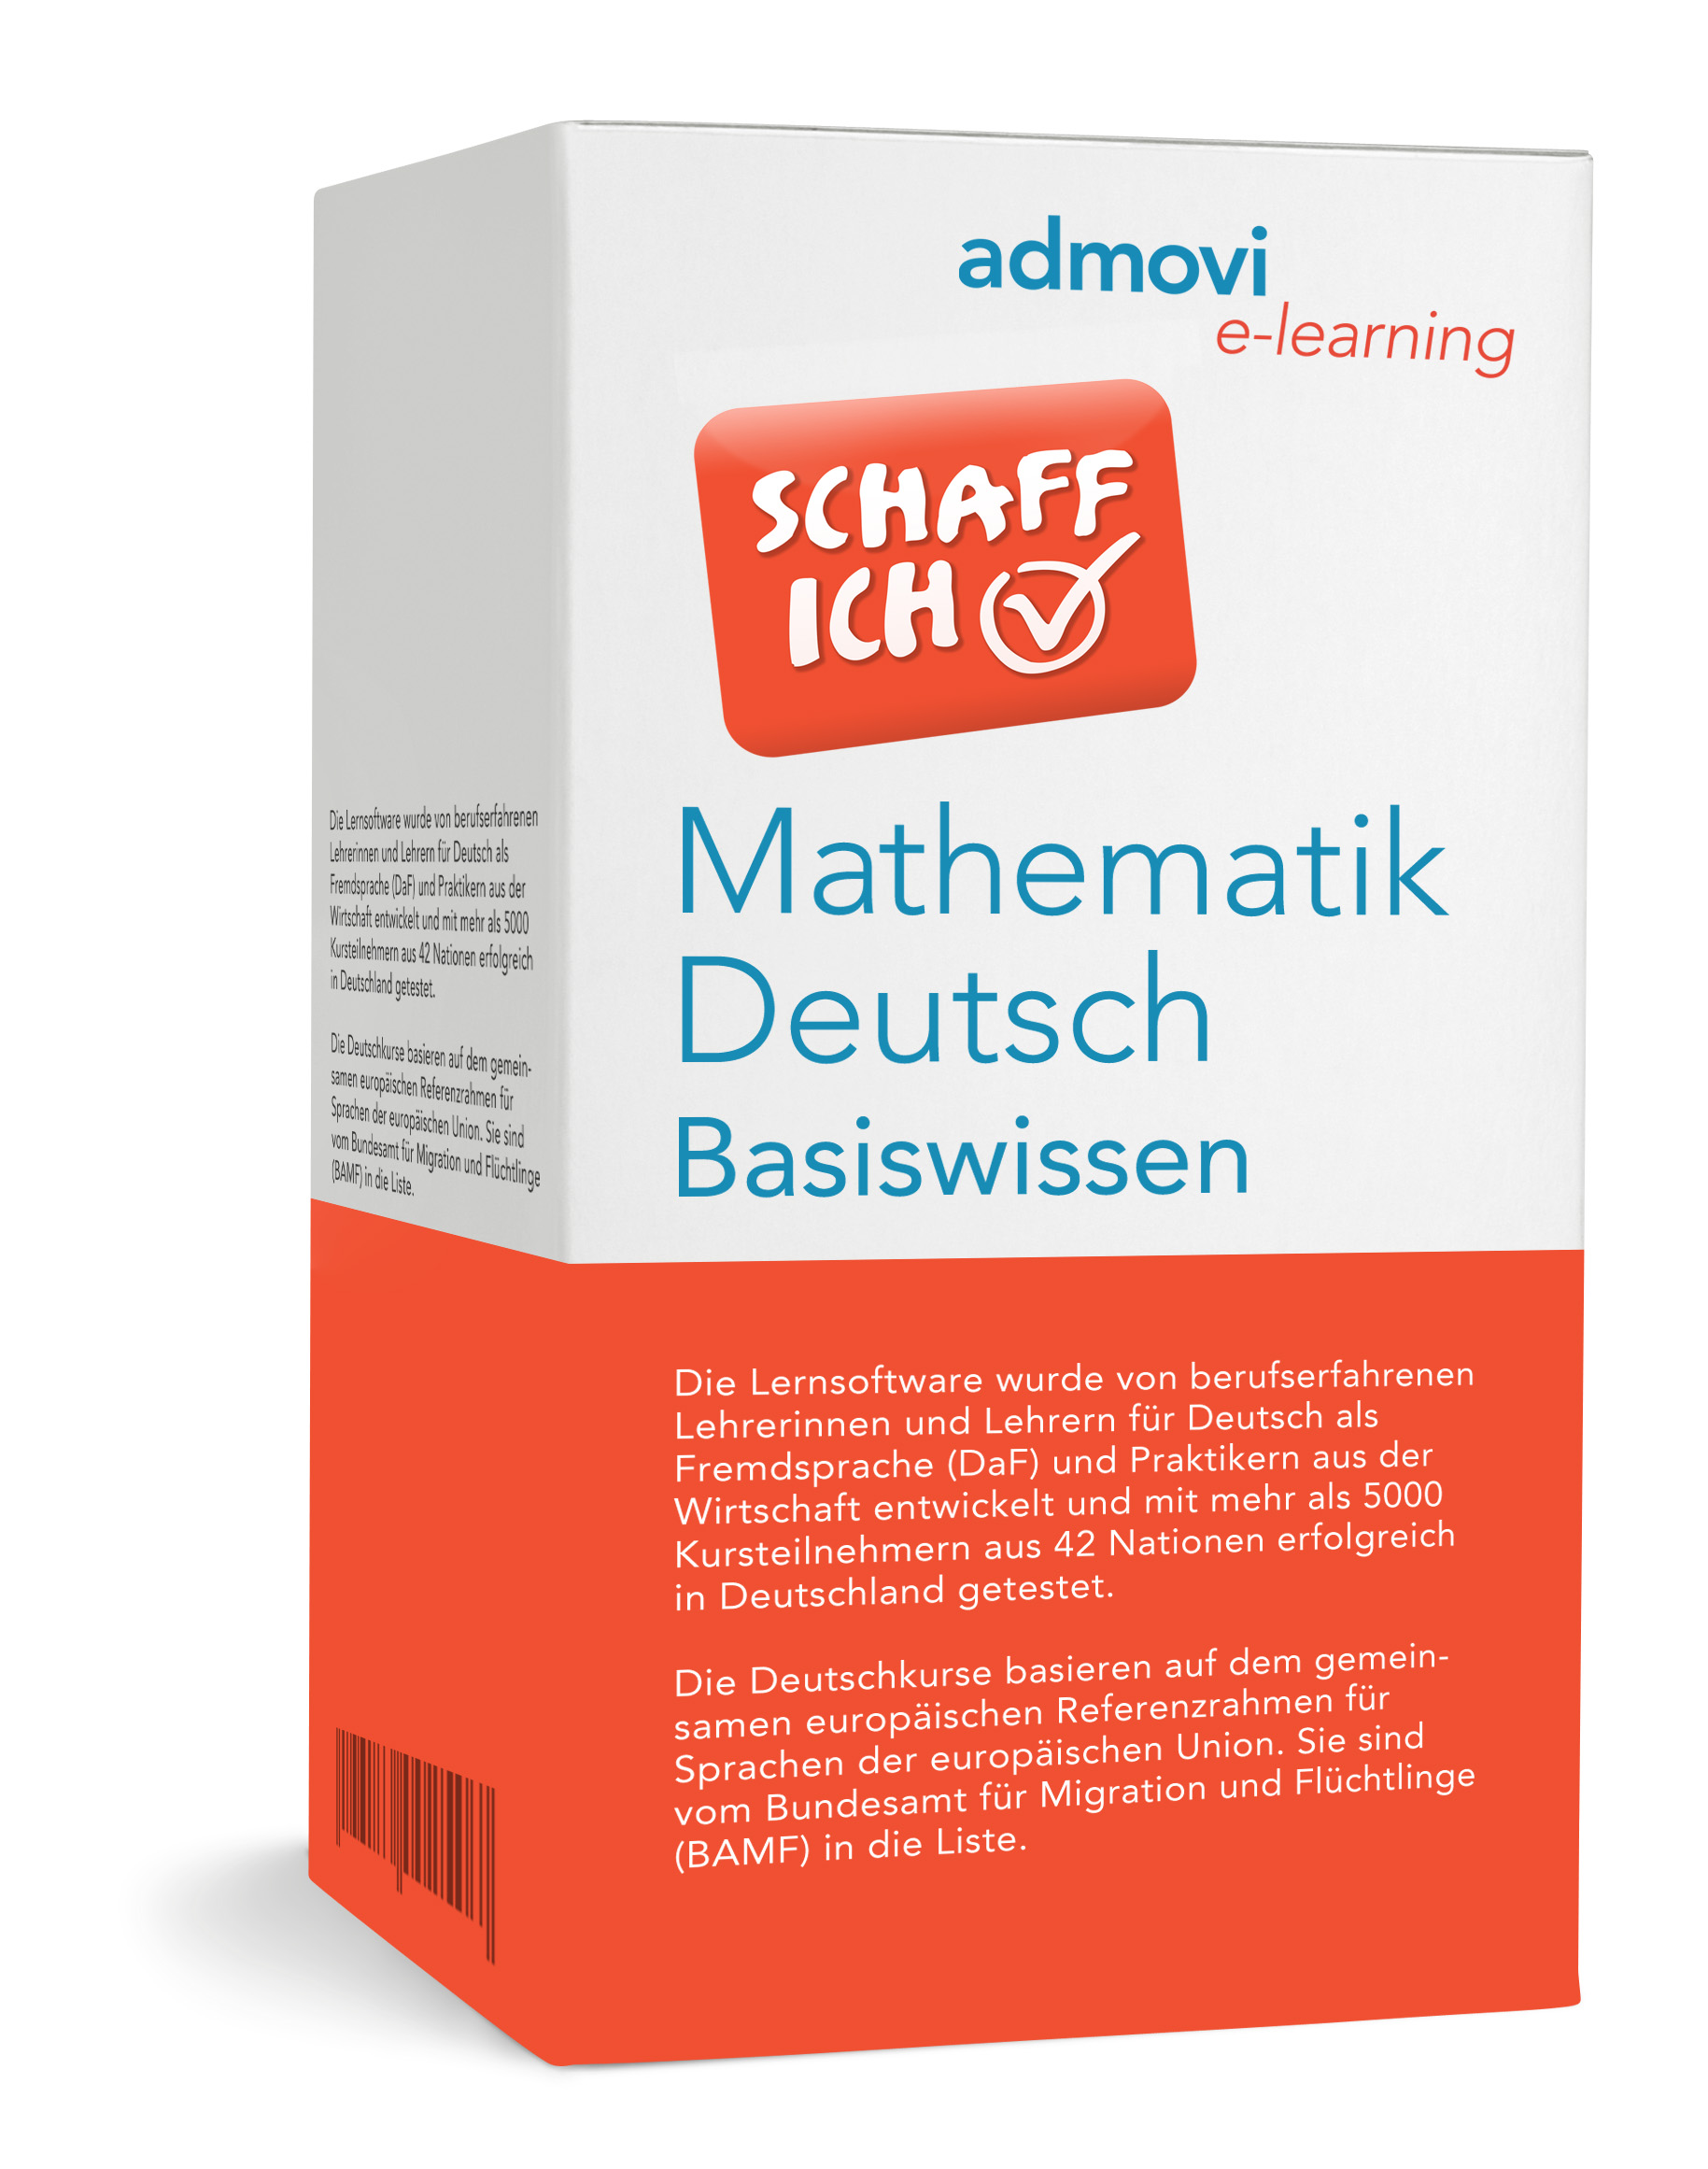 Lernsoftware Deutsch und Mathematik zur individuellen Förderung junger Erwachsene und Schüler